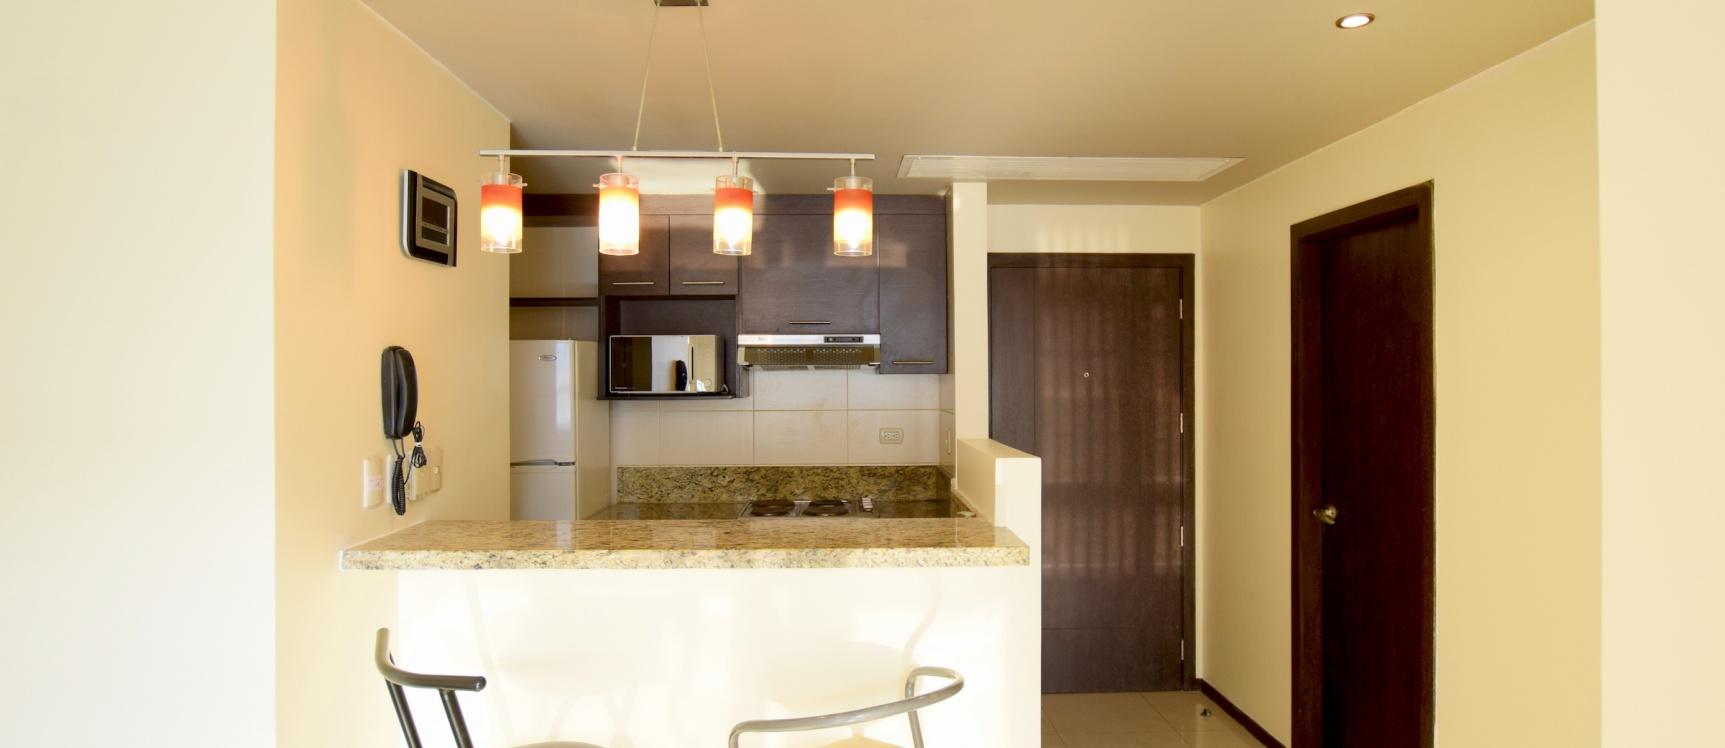 GeoBienes - Suite en venta en el Edificio Elite Building, Norte de Guayaquil - Plusvalia Guayaquil Casas de venta y alquiler Inmobiliaria Ecuador